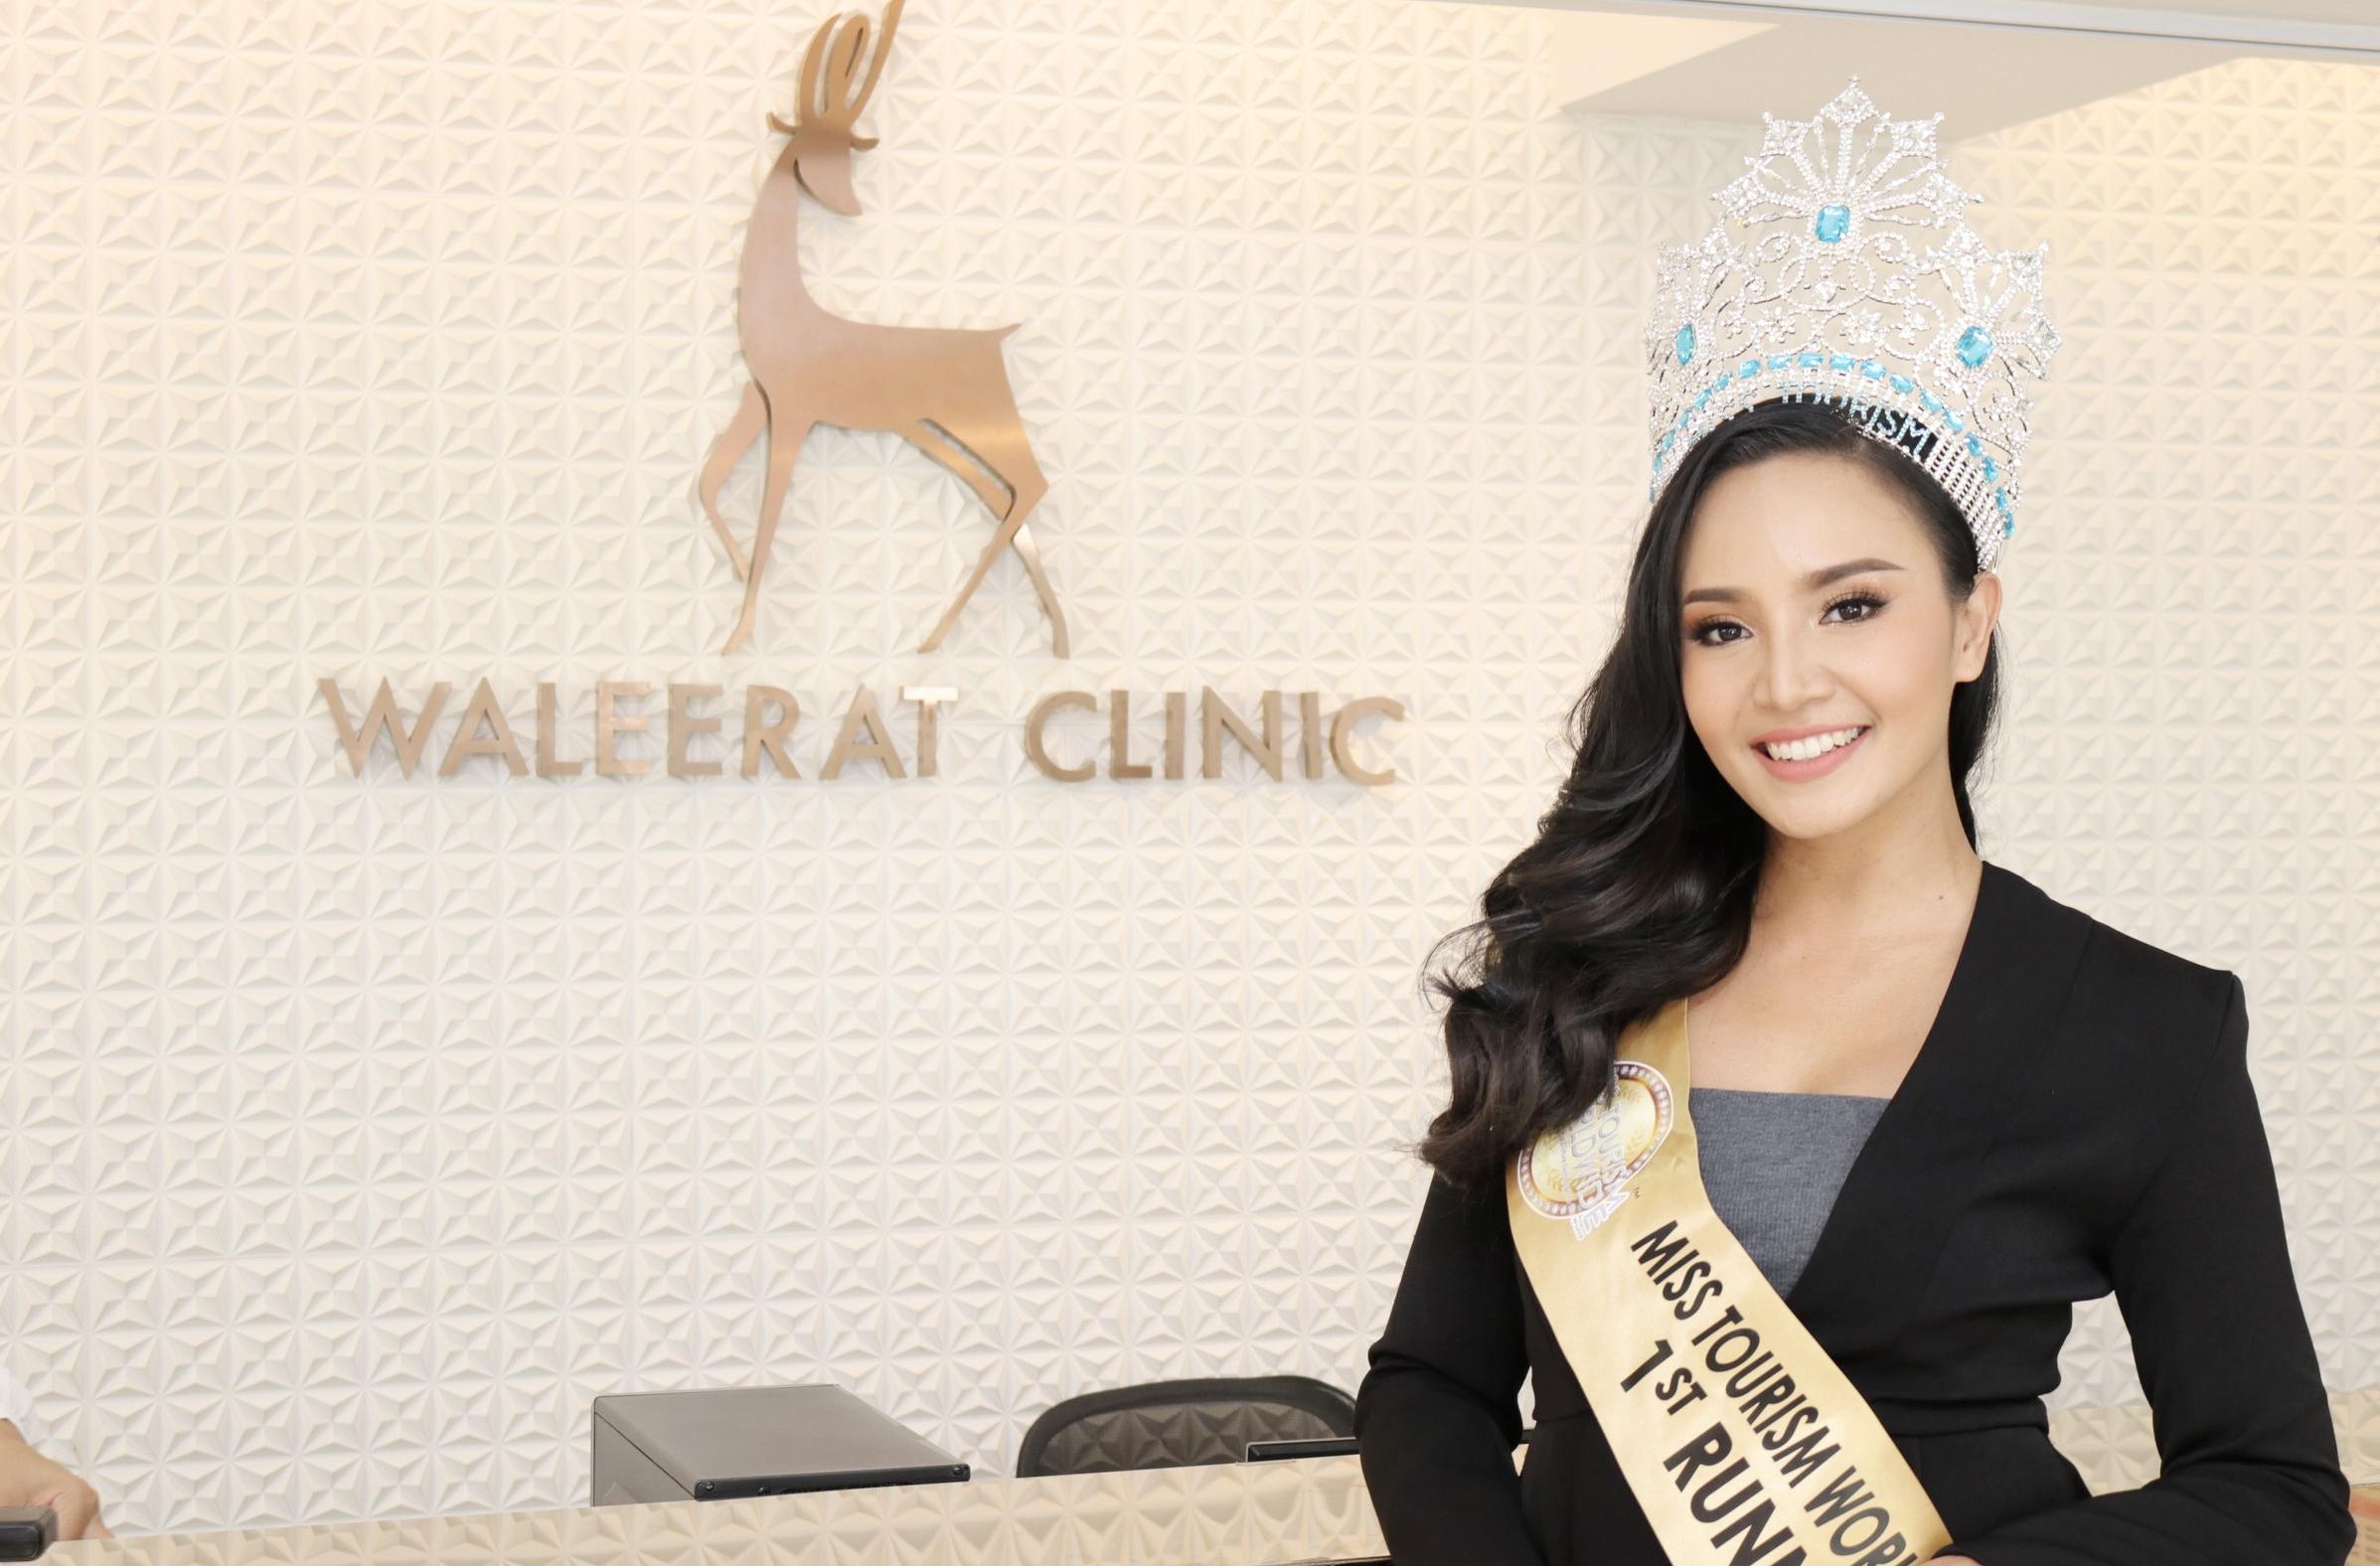 คุณเหมียว คว้าตำแหน่ง รองอันดับ 1 Miss Tourism Worldwide 2018 มา Make over ความสวยกับวลีรัตน์คลินิก ด้วยการฉีดโบท็อกซ์ อ่านเพิ่มเติมคลิก!!   Make over เพิ่มความสวยก่อนคว้ามง